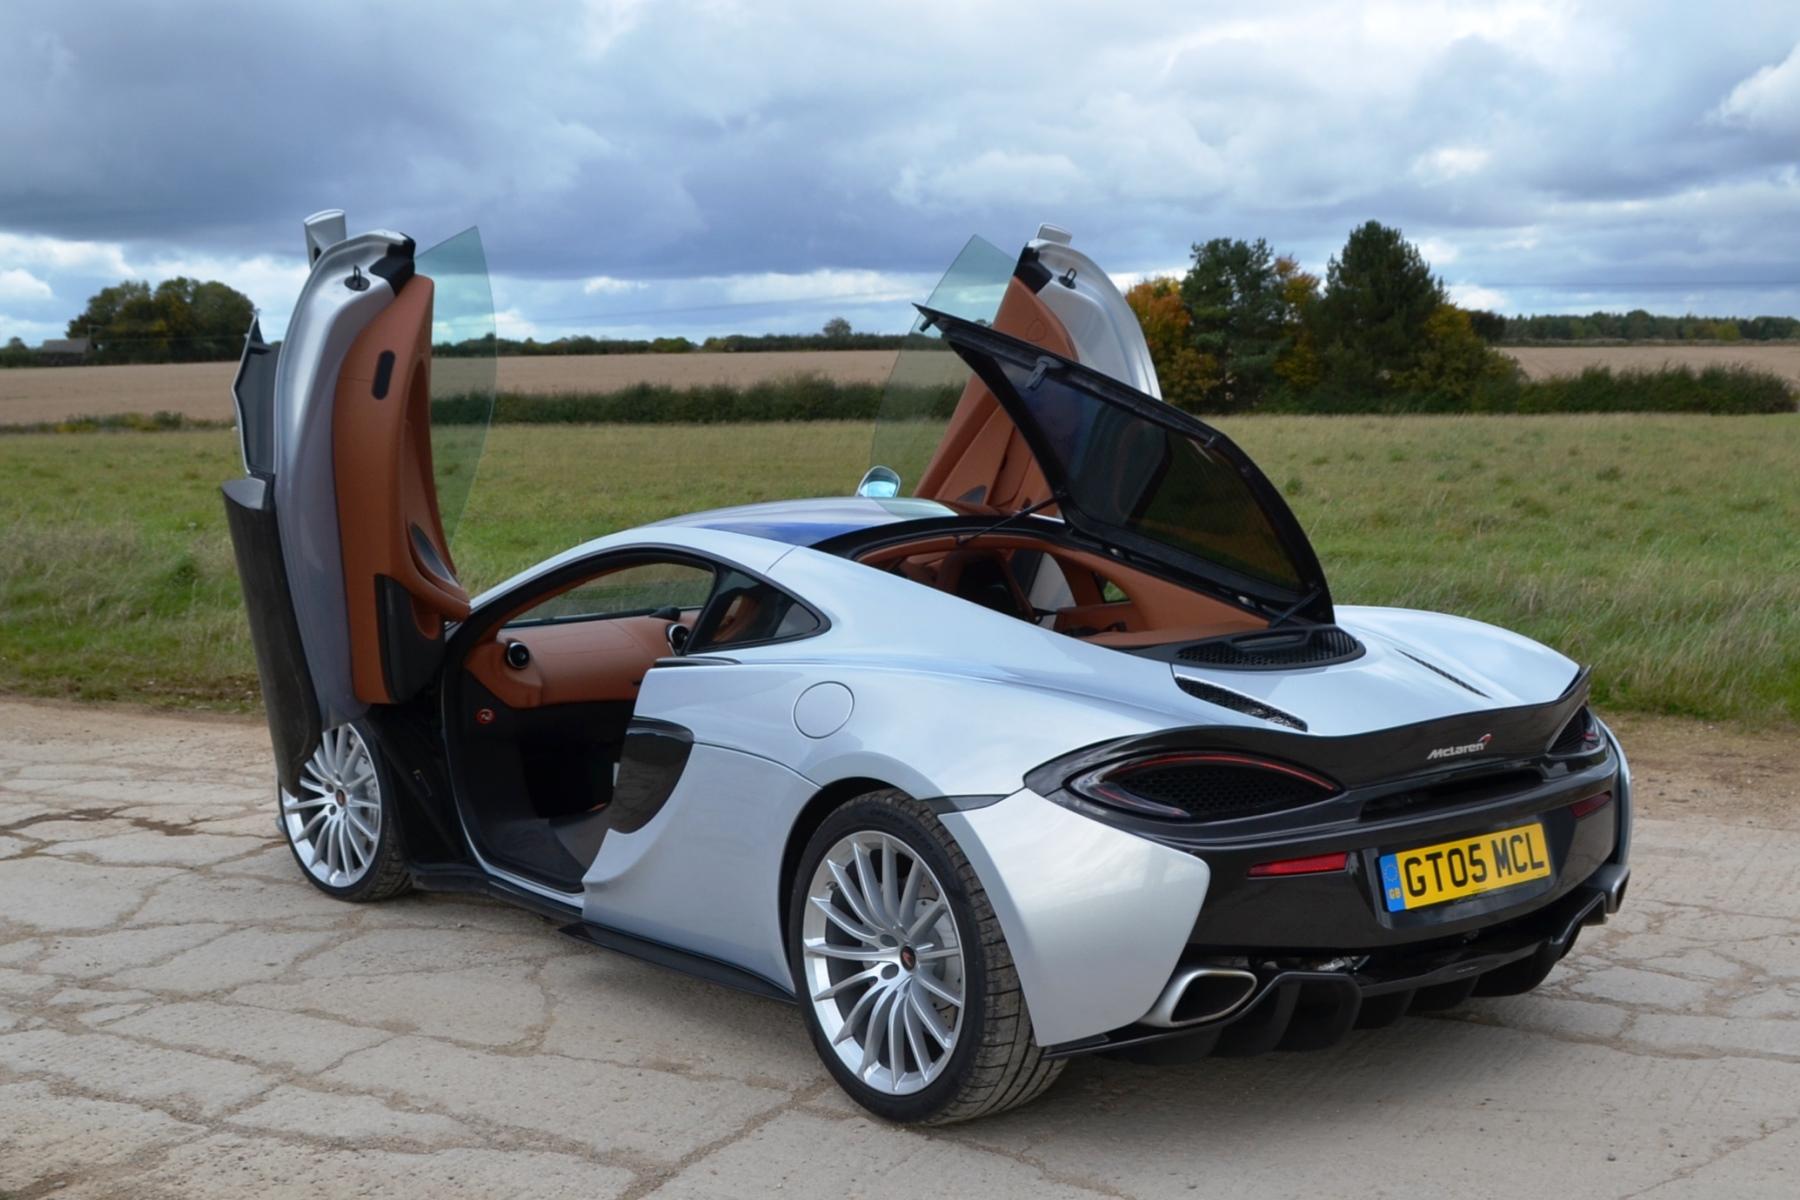 Mclaren 570gt Review Automotive Blog